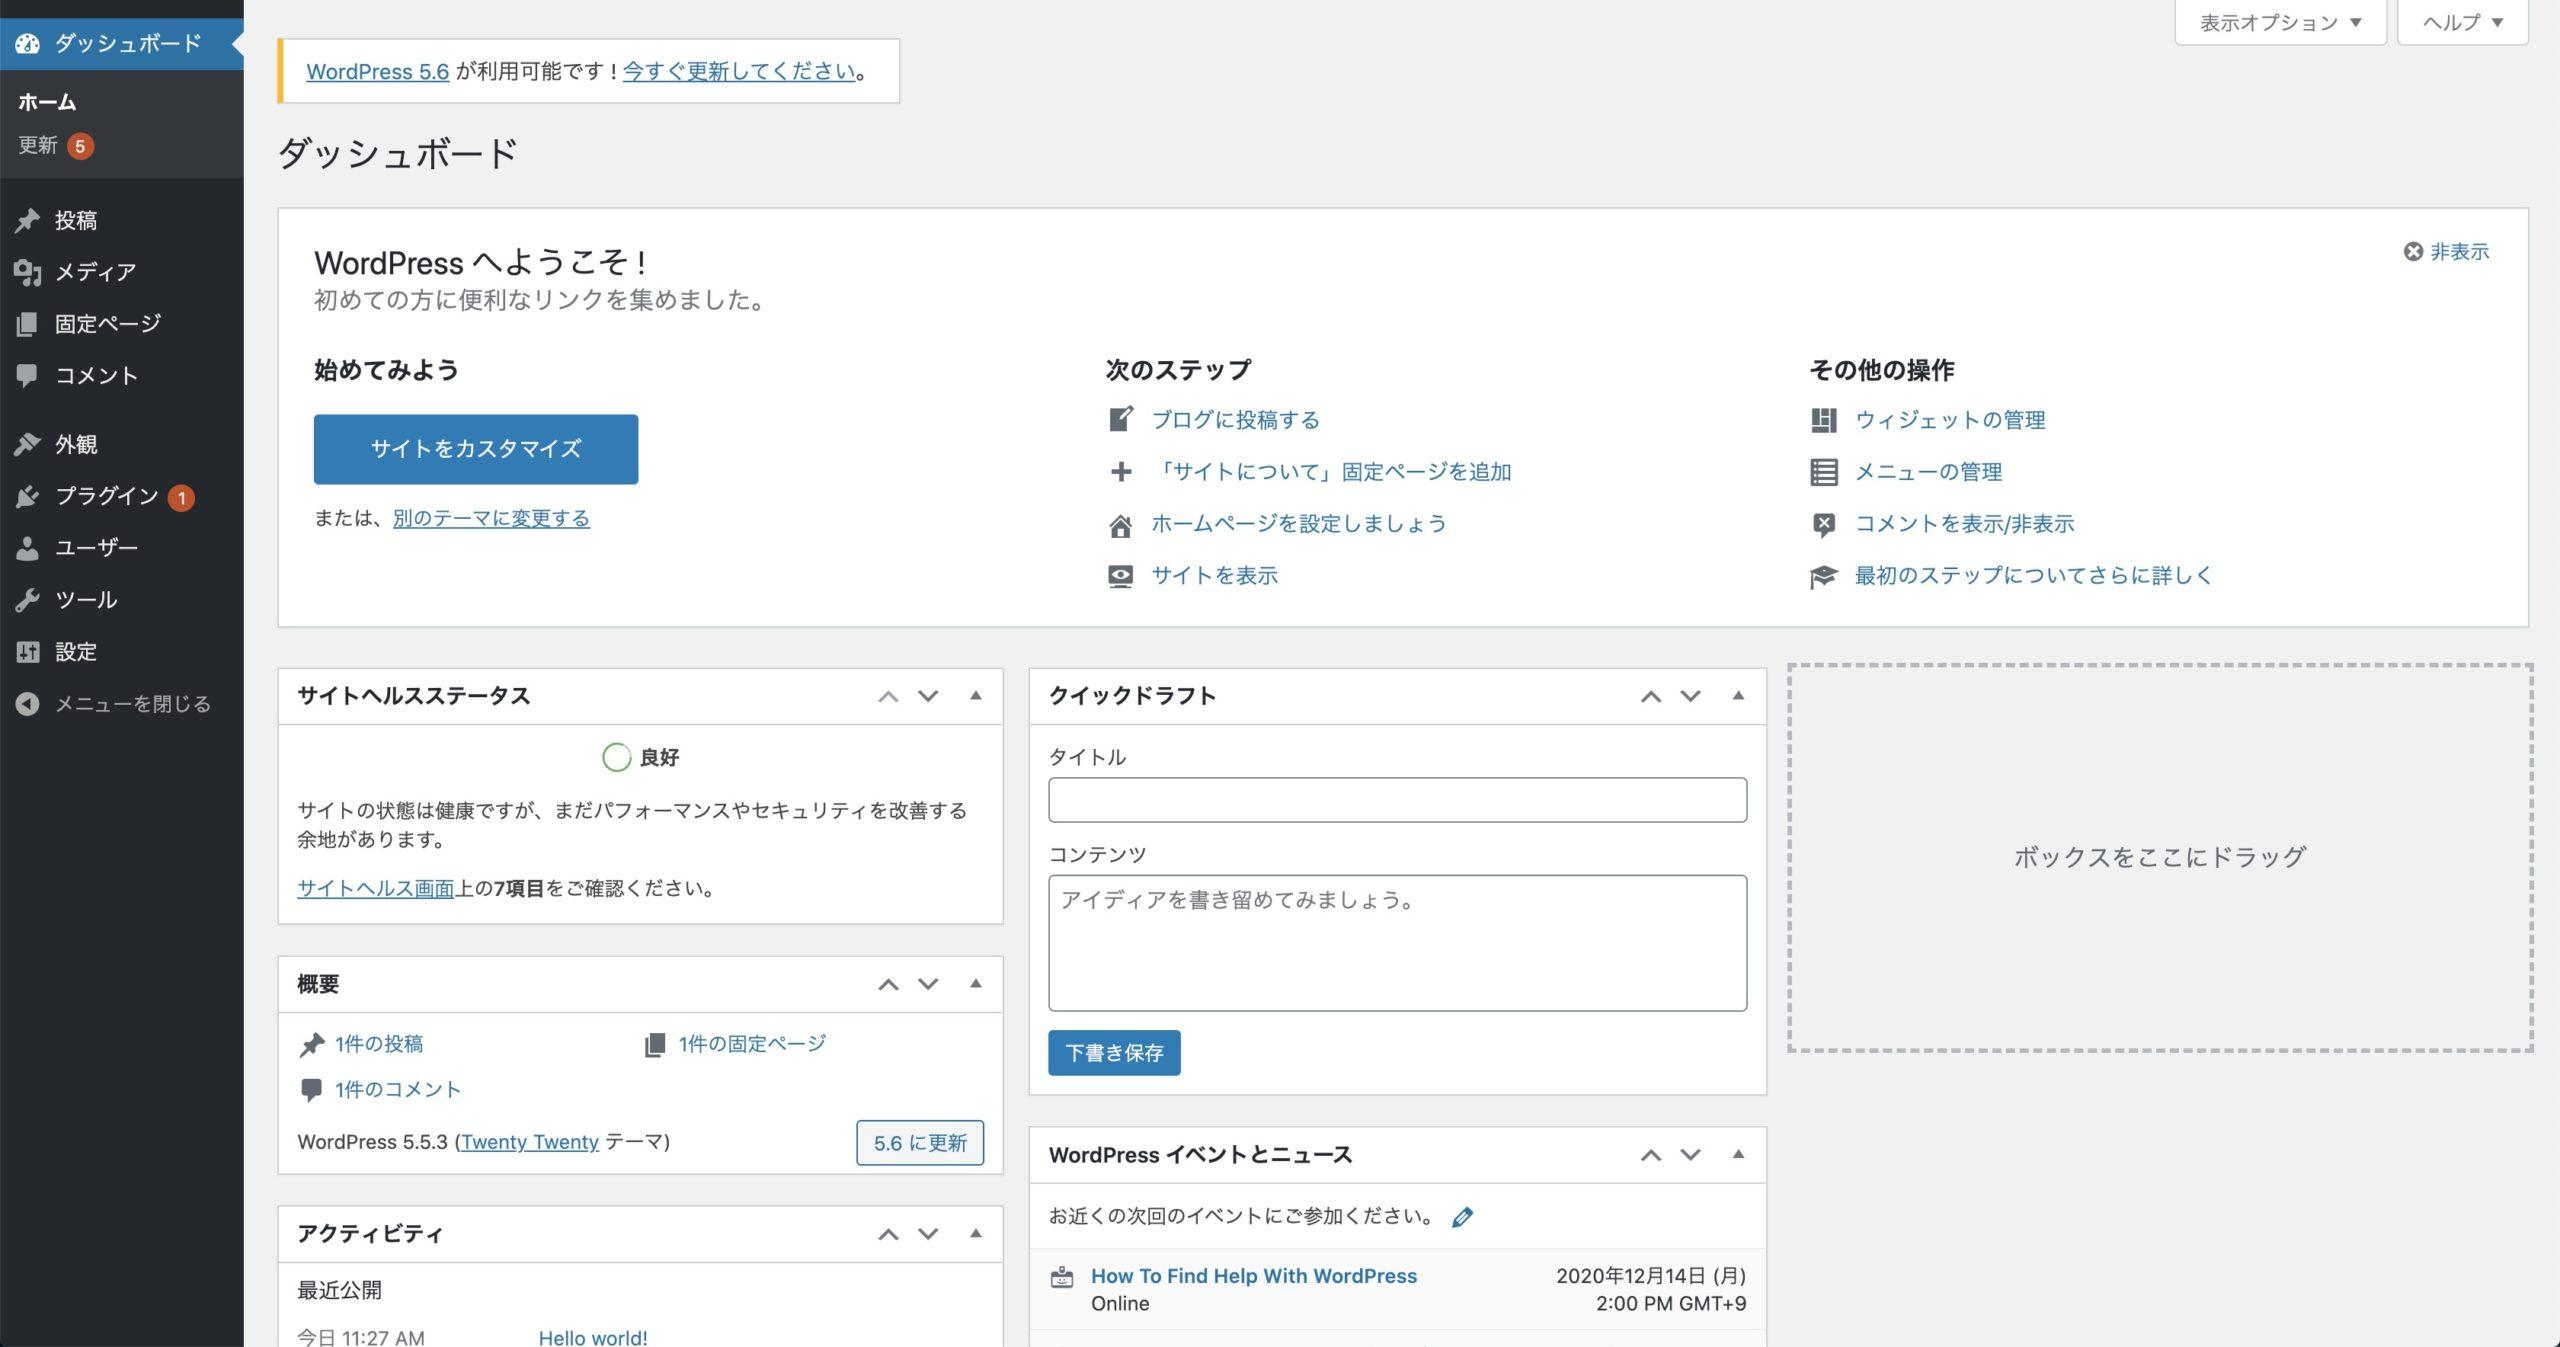 XserverエックスサーバーのWordPress(ワードプレス)クイックスタートでWordPressの管理画面